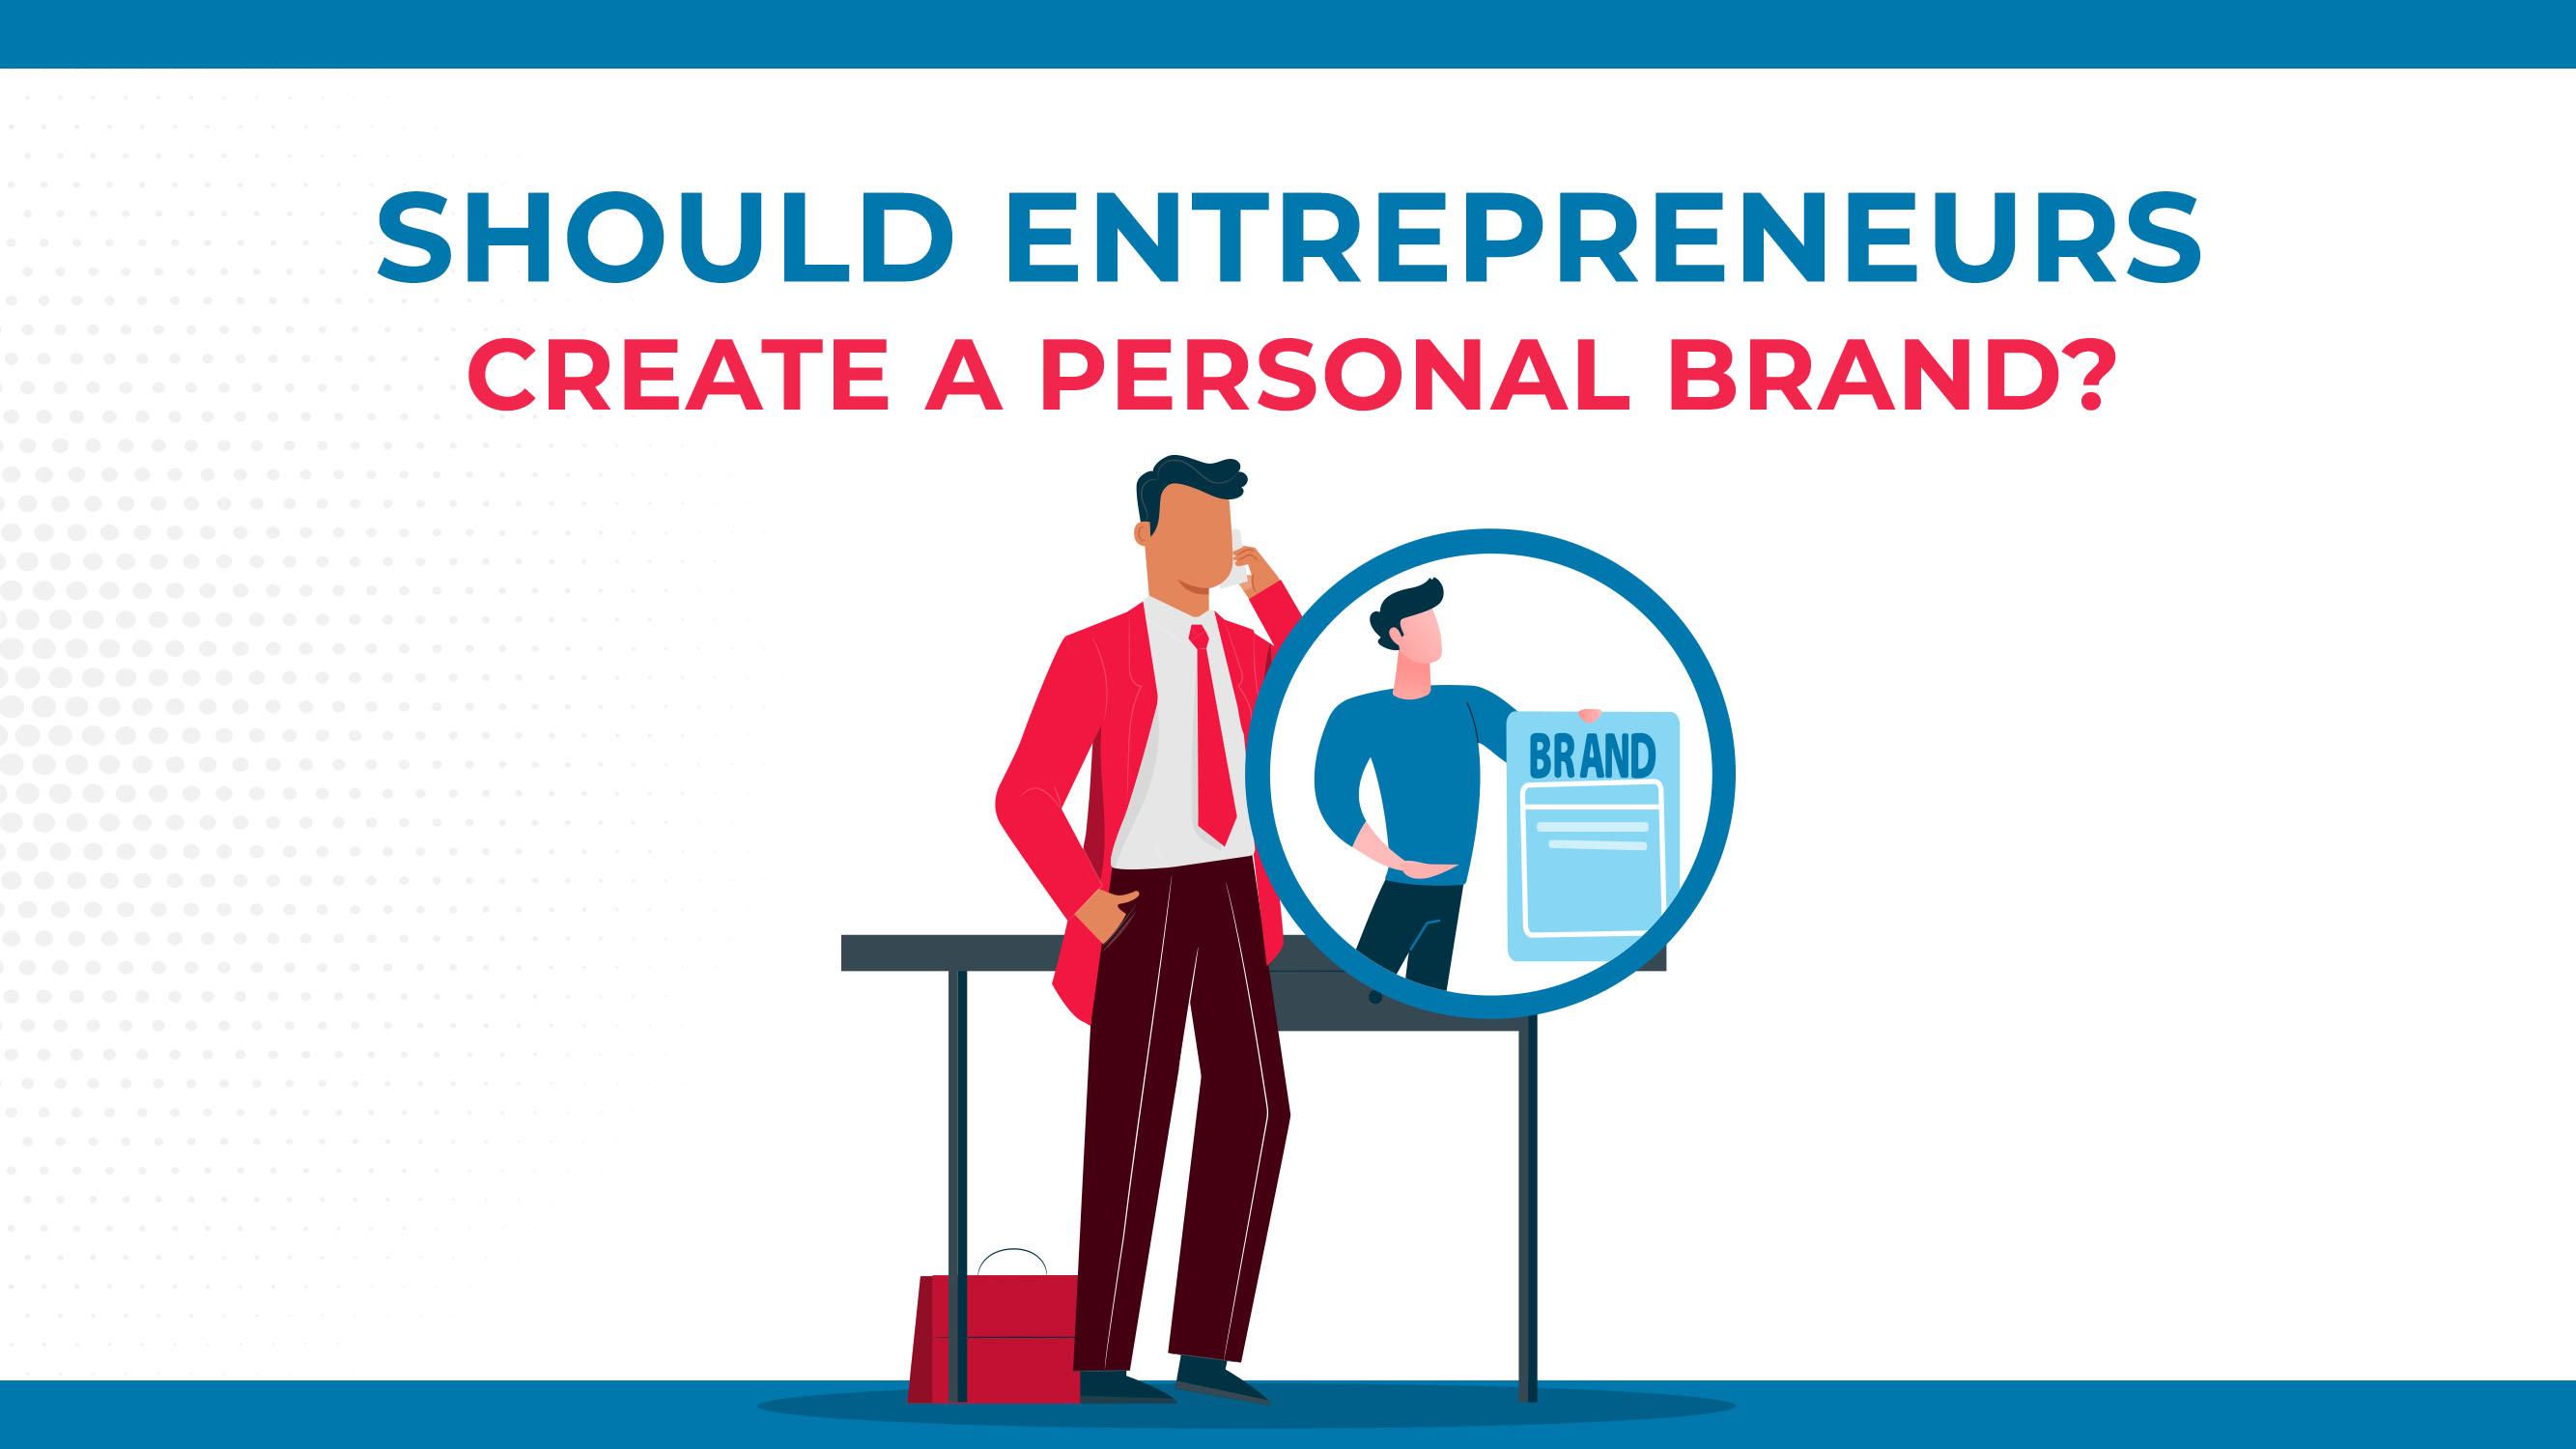 Gli imprenditori dovrebbero creare un marchio personale?